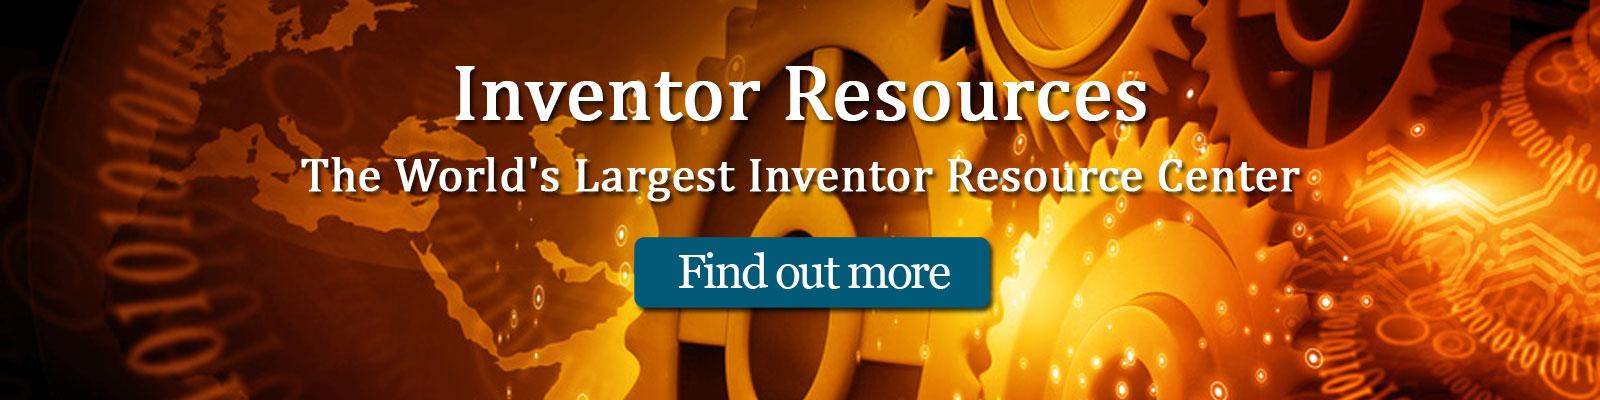 Inventor Resource Center